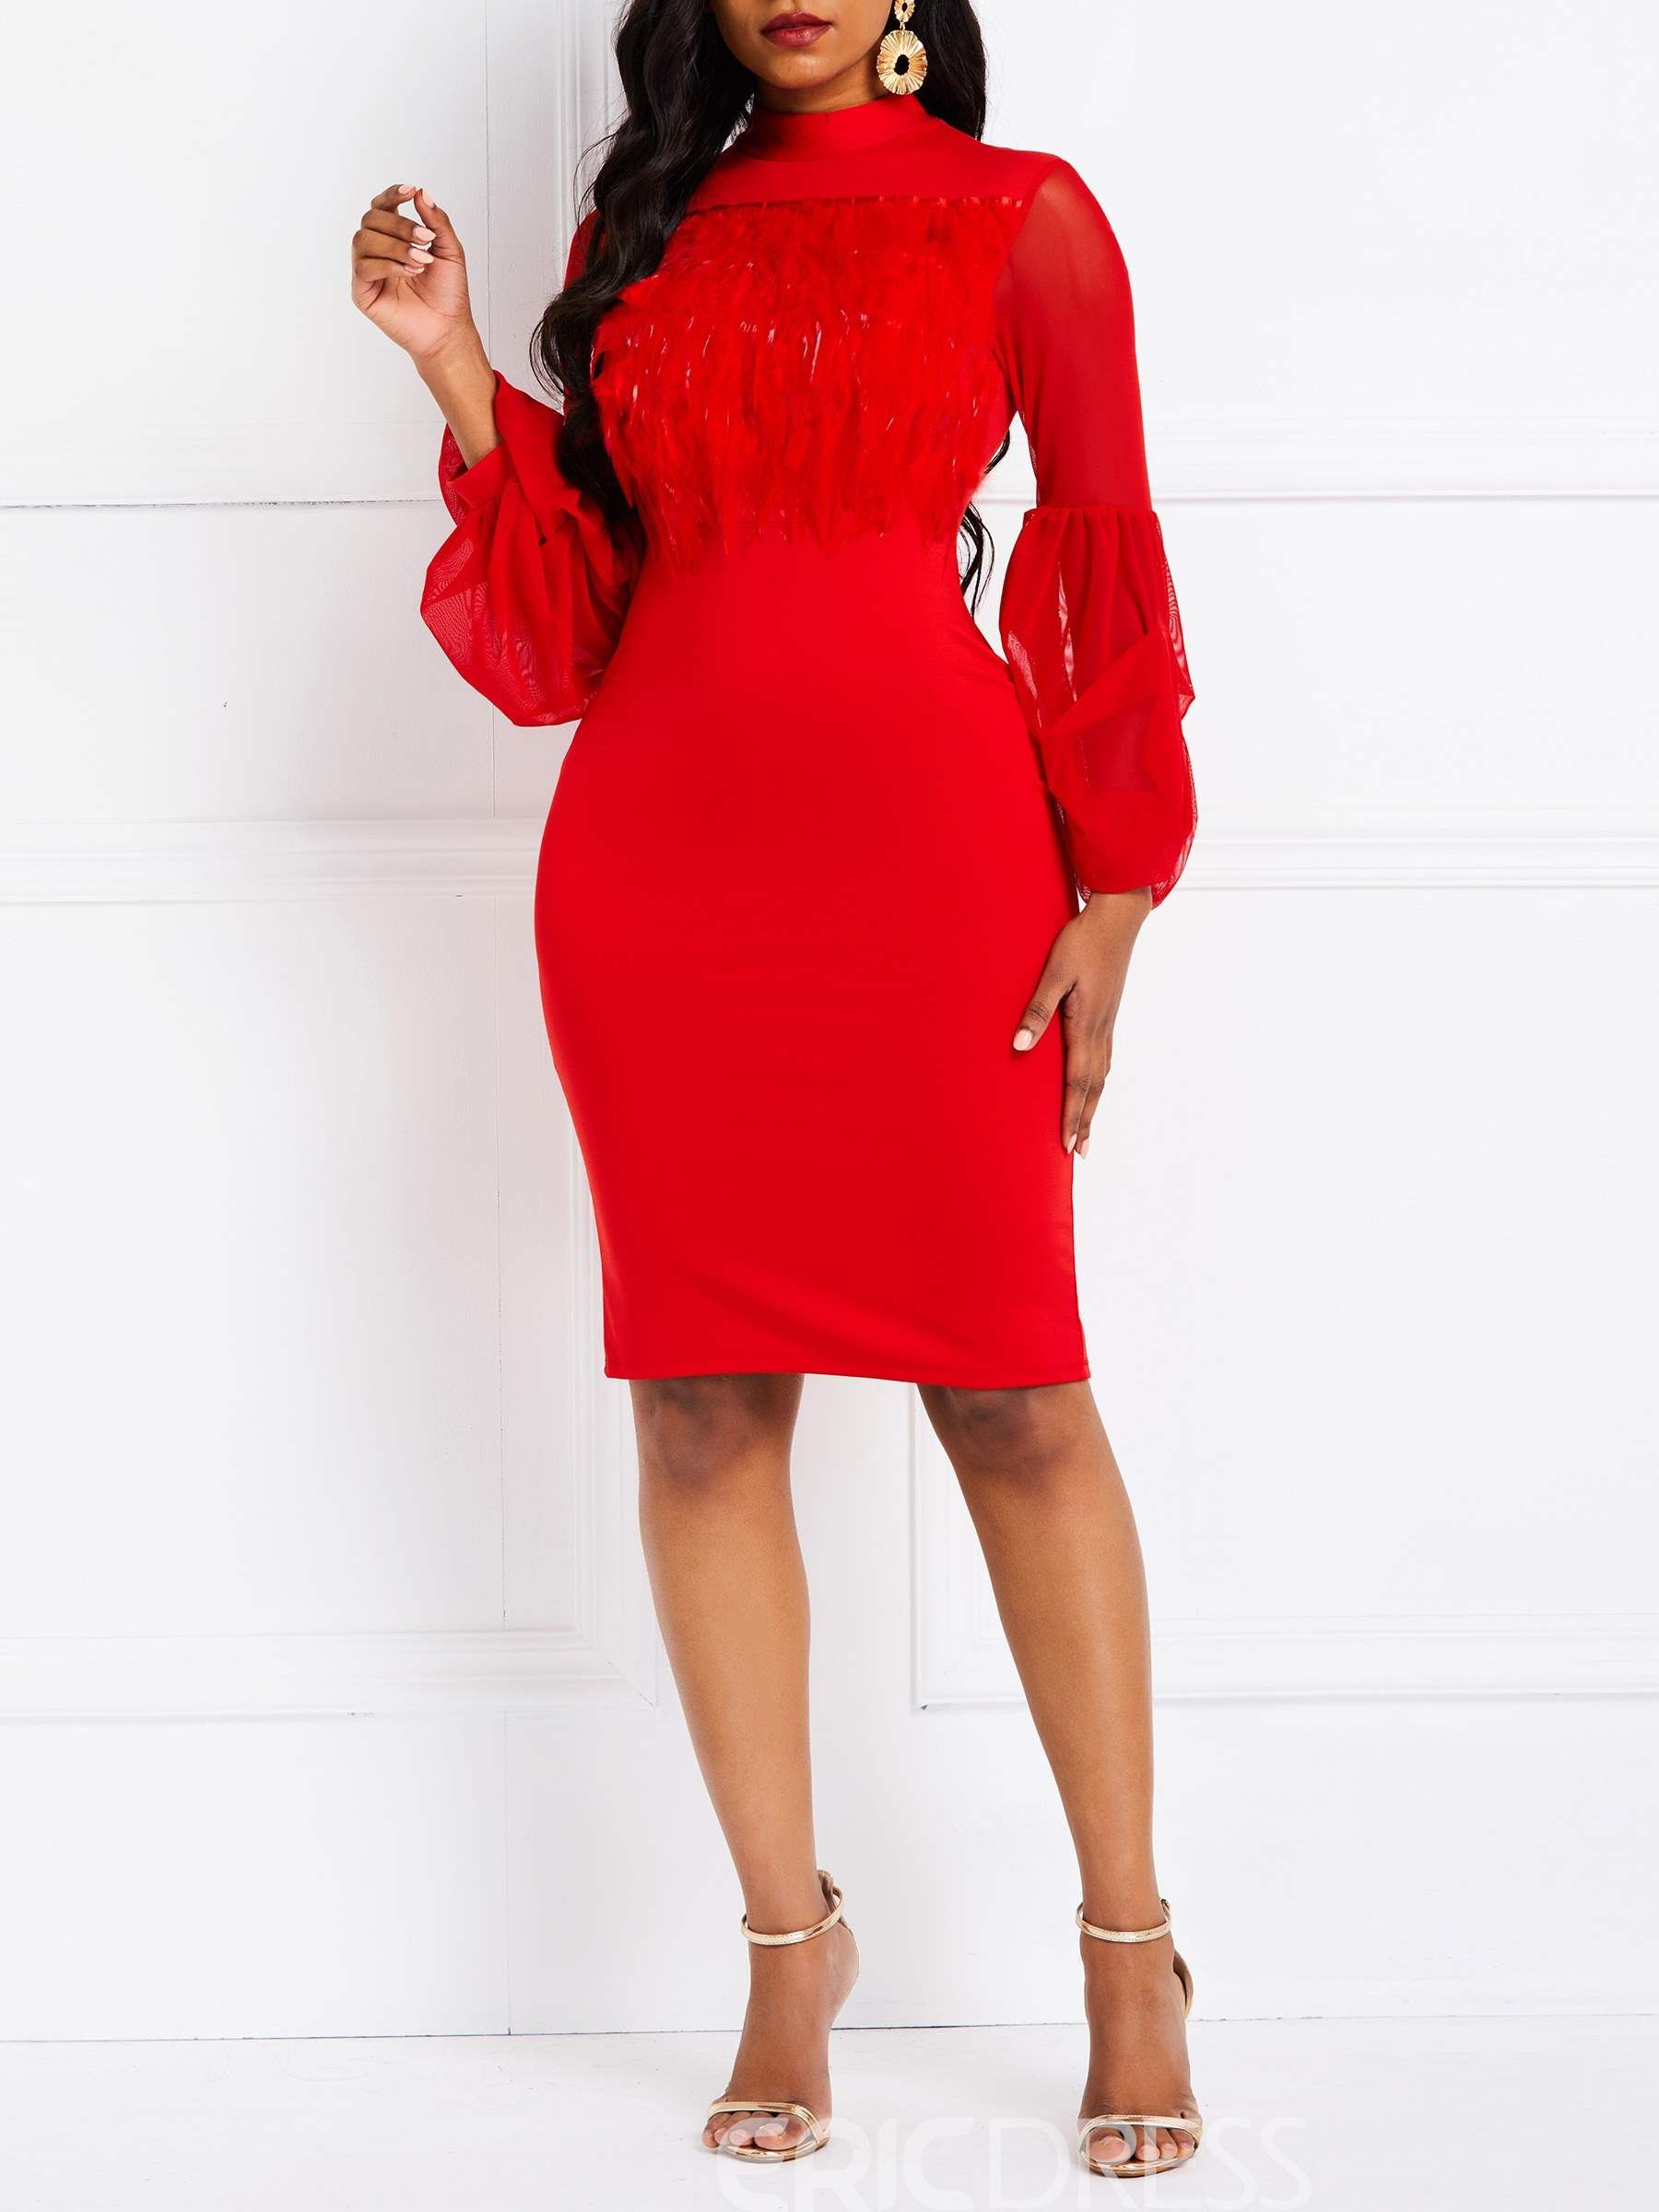 Ericdress See Through Long Sleeve Knee Length Lantern Sleeve Red Dress Red Dress Sleeves Bodycon Dress Women Bodycon Dress [ 2400 x 1800 Pixel ]